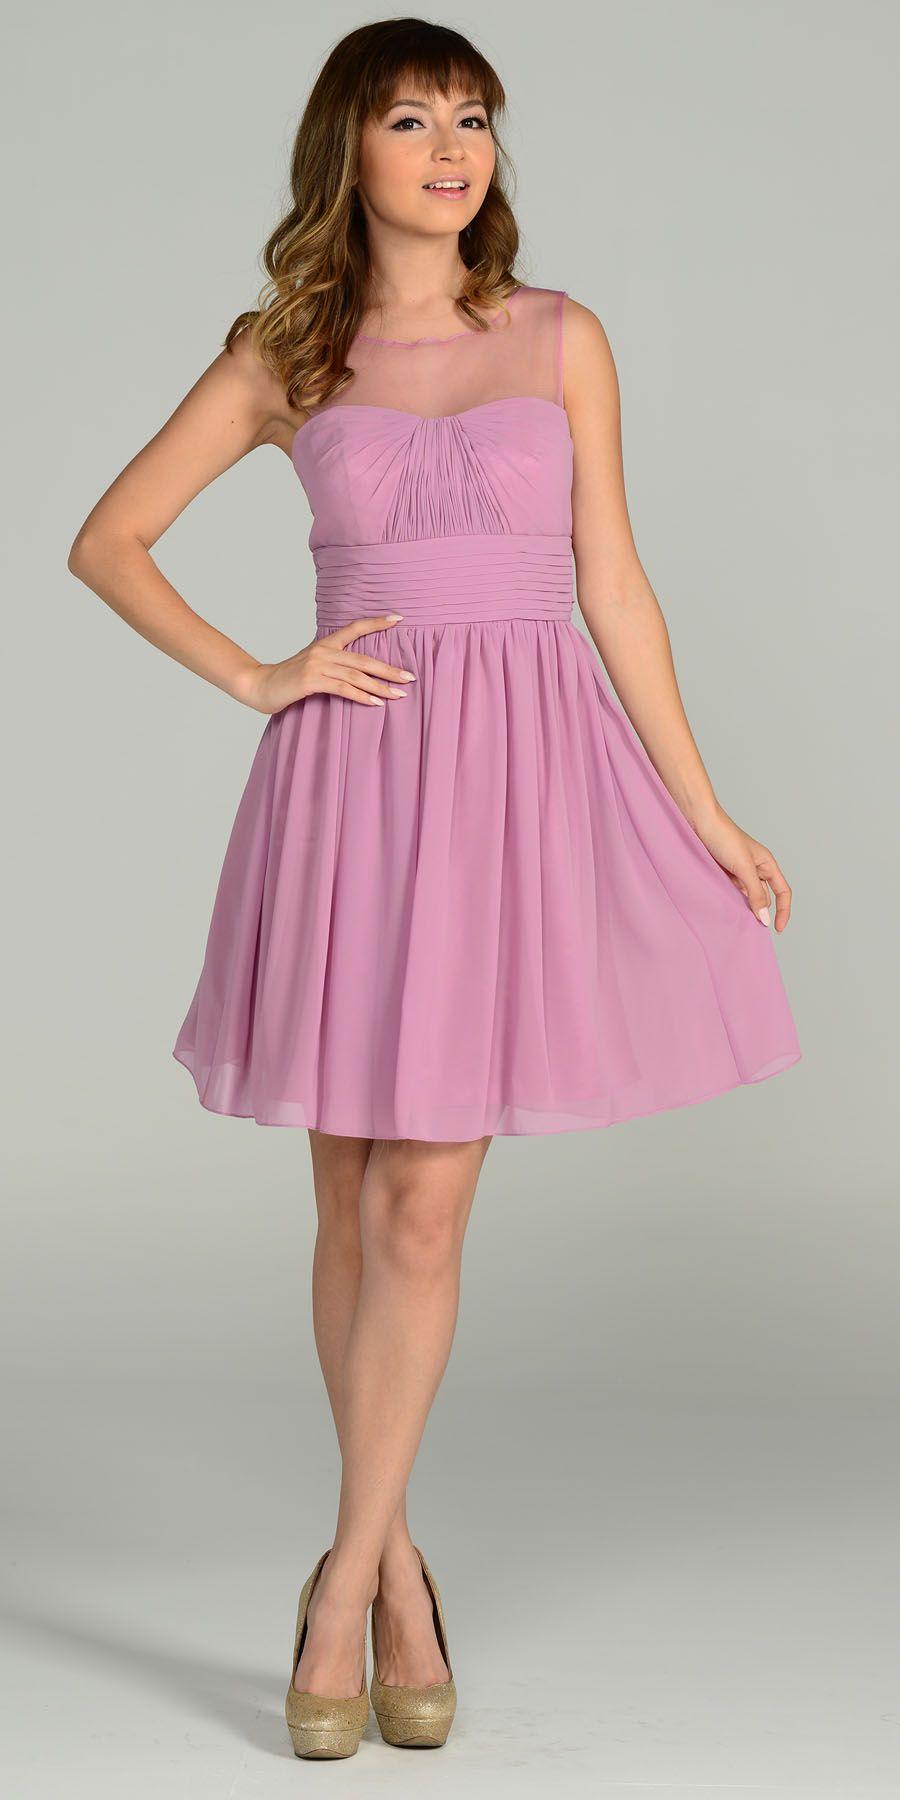 Increíble Vestido De Dama De Malva Ornamento - Colección del Vestido ...